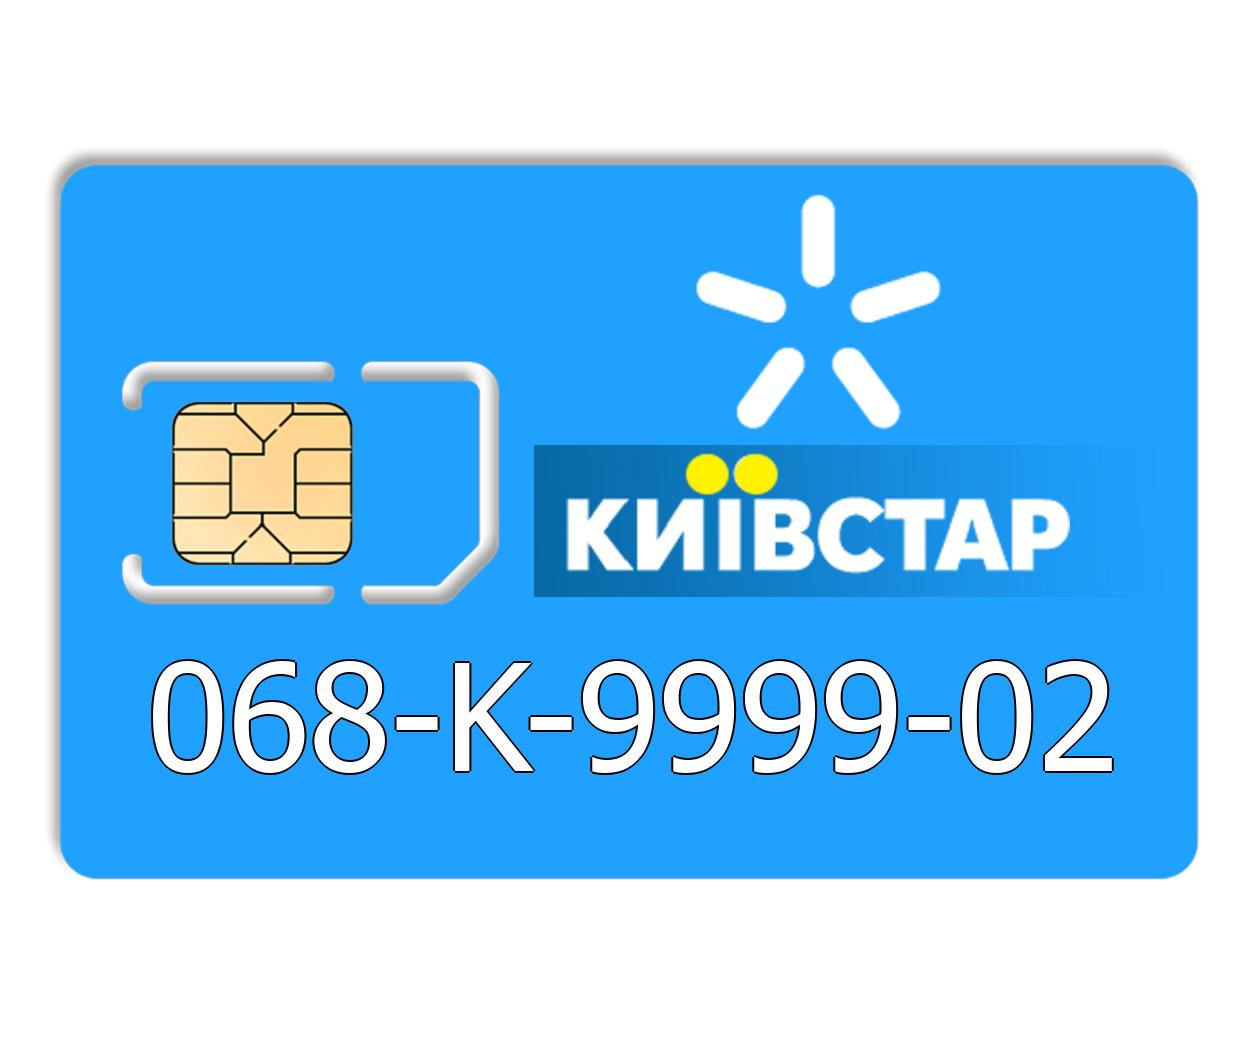 Красивый номер Киевстар 068-K-9999-02